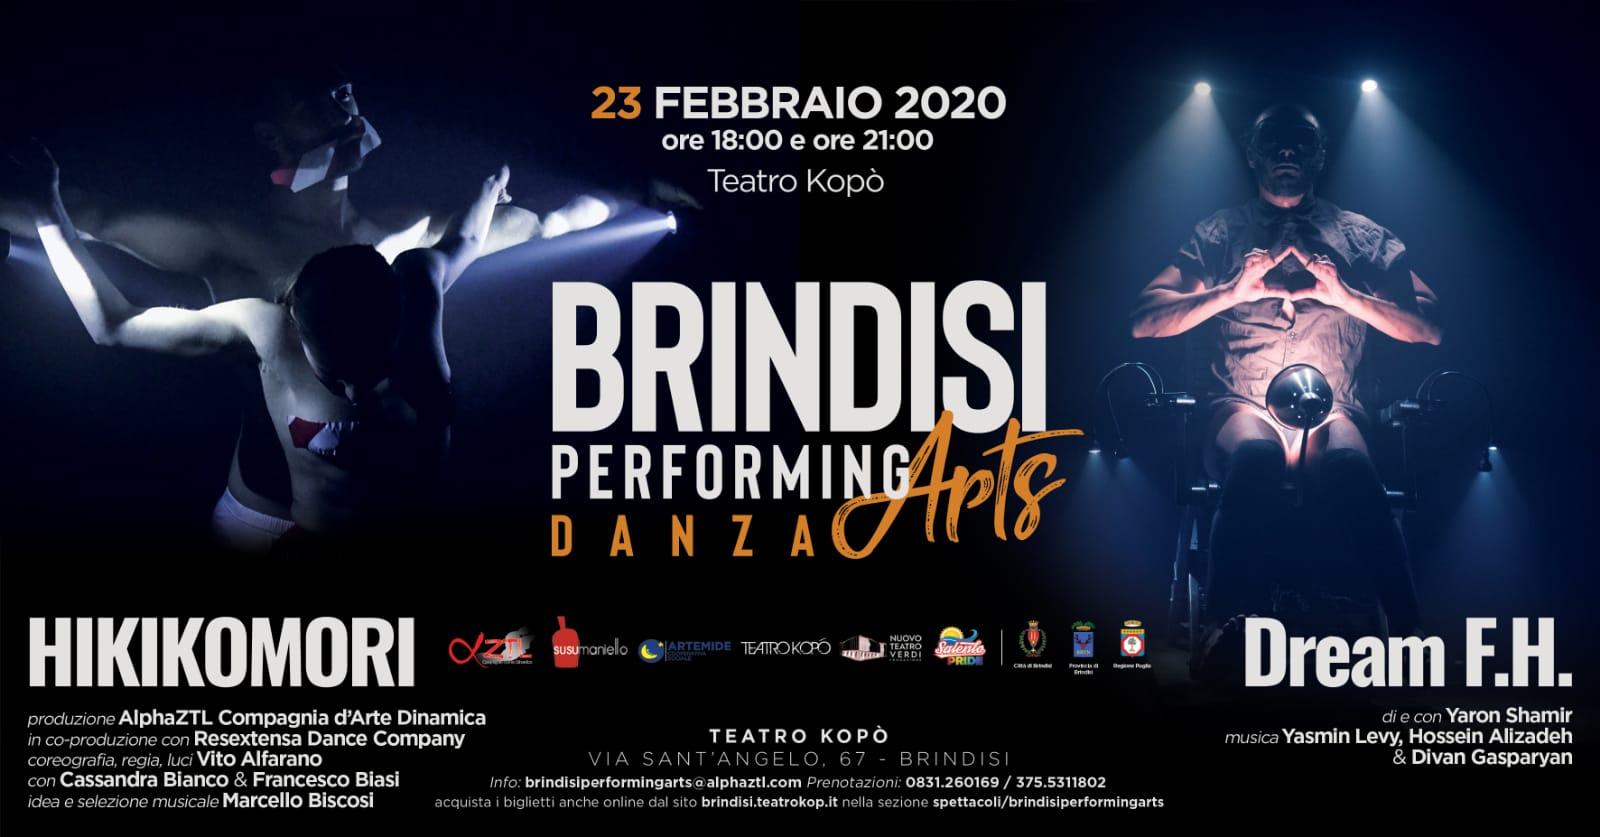 Il 23 febbraio lo spettacolo Hikikomori al Teatro Kopó